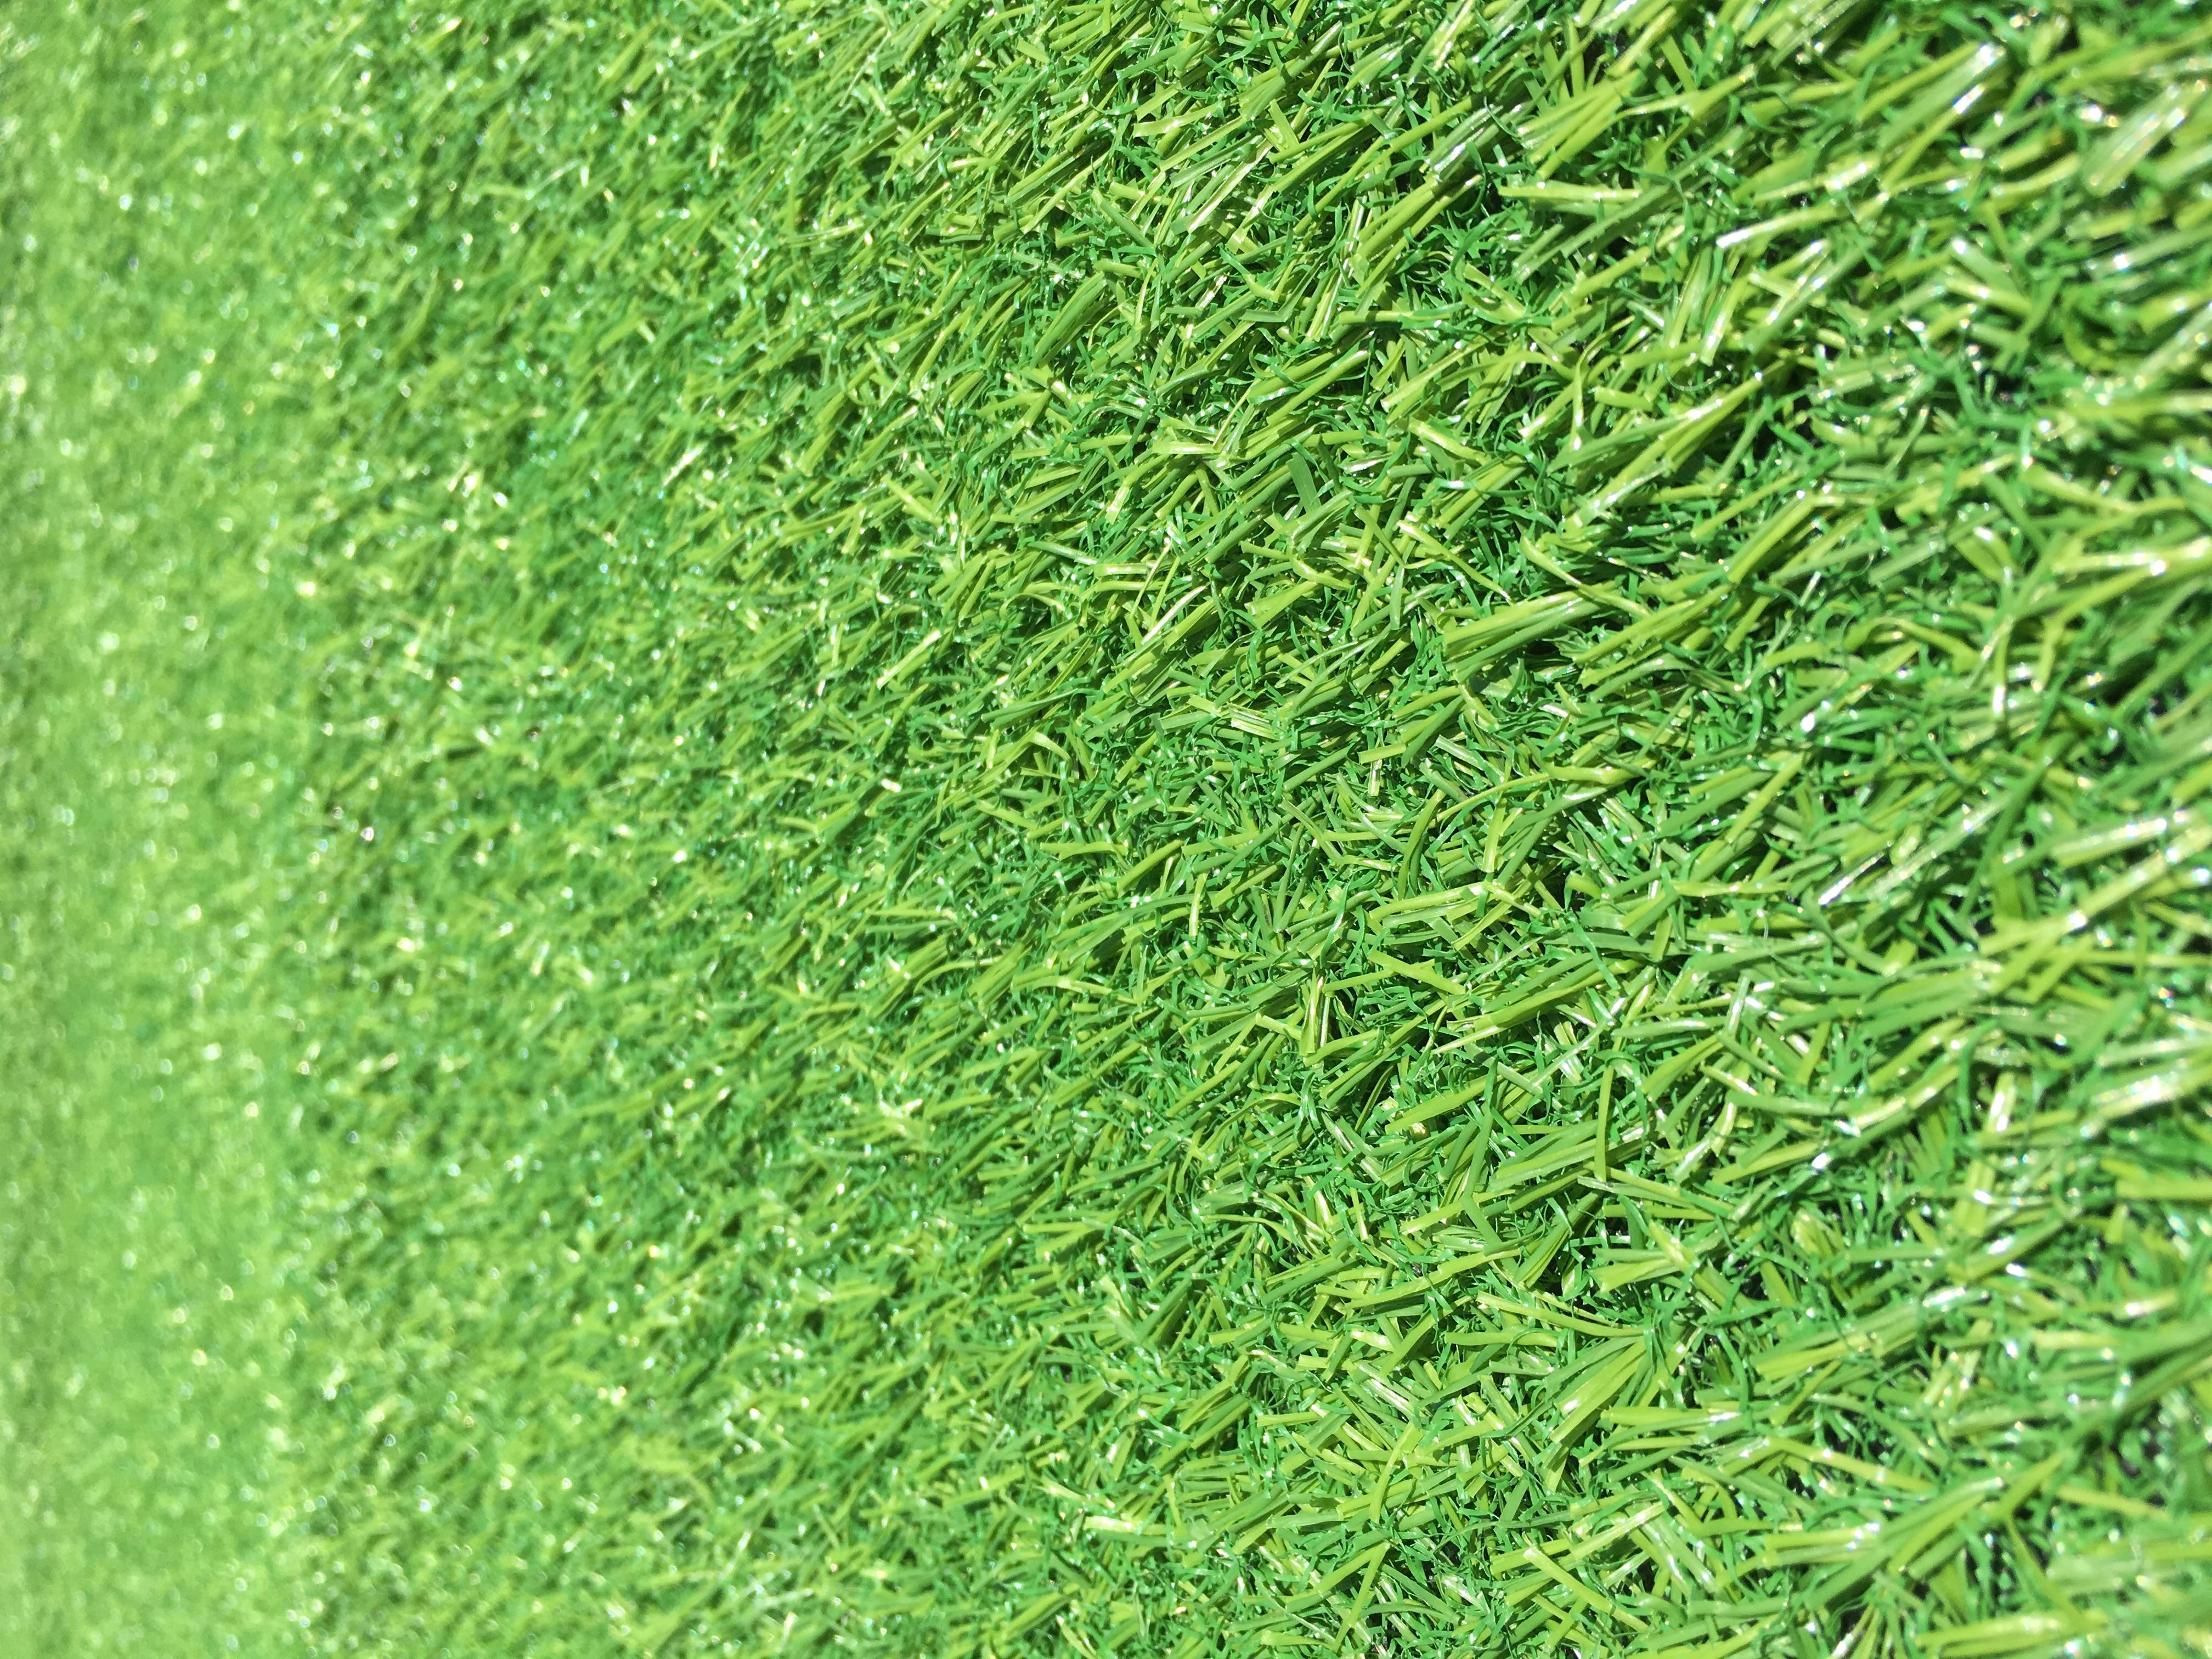 Covor Iarba Artificiala, Tip Gazon, Verde, Tropicana, 100% Polipropilena, 10 mm, 300x400 cm 1